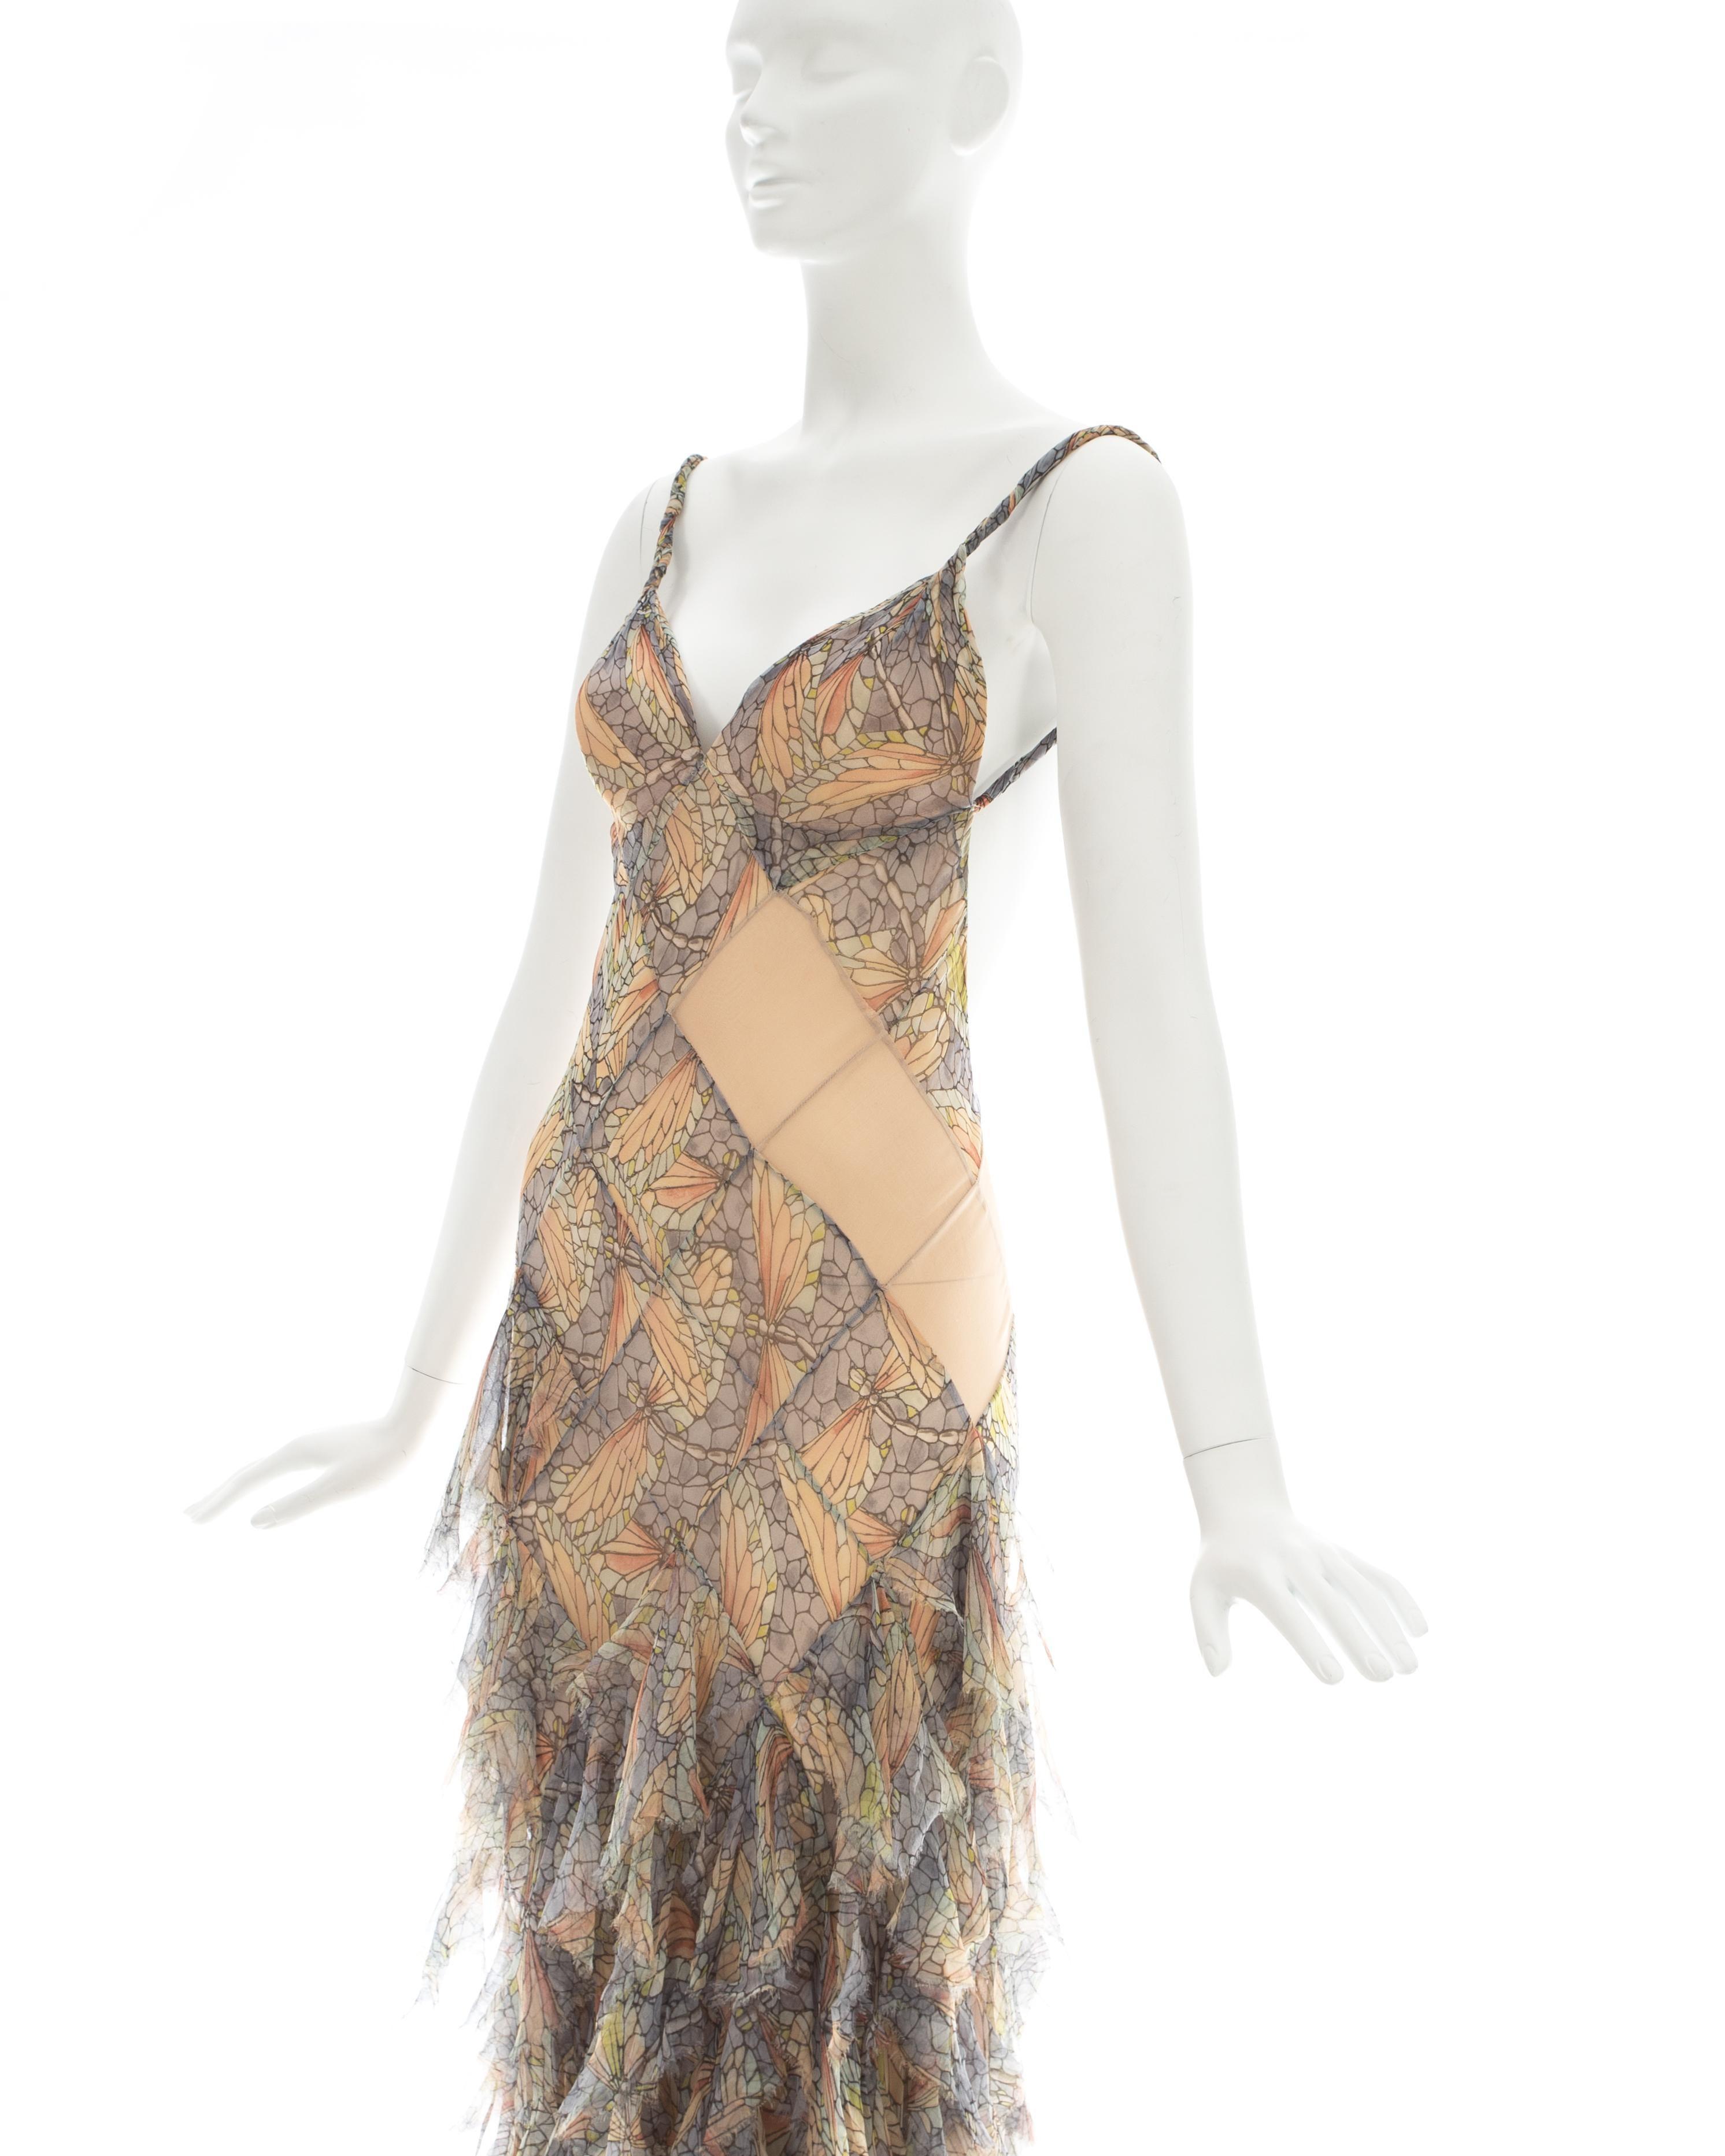 00a59d2767c8 Alexander McQueen pastel printed silk chiffon patchwork evening dress